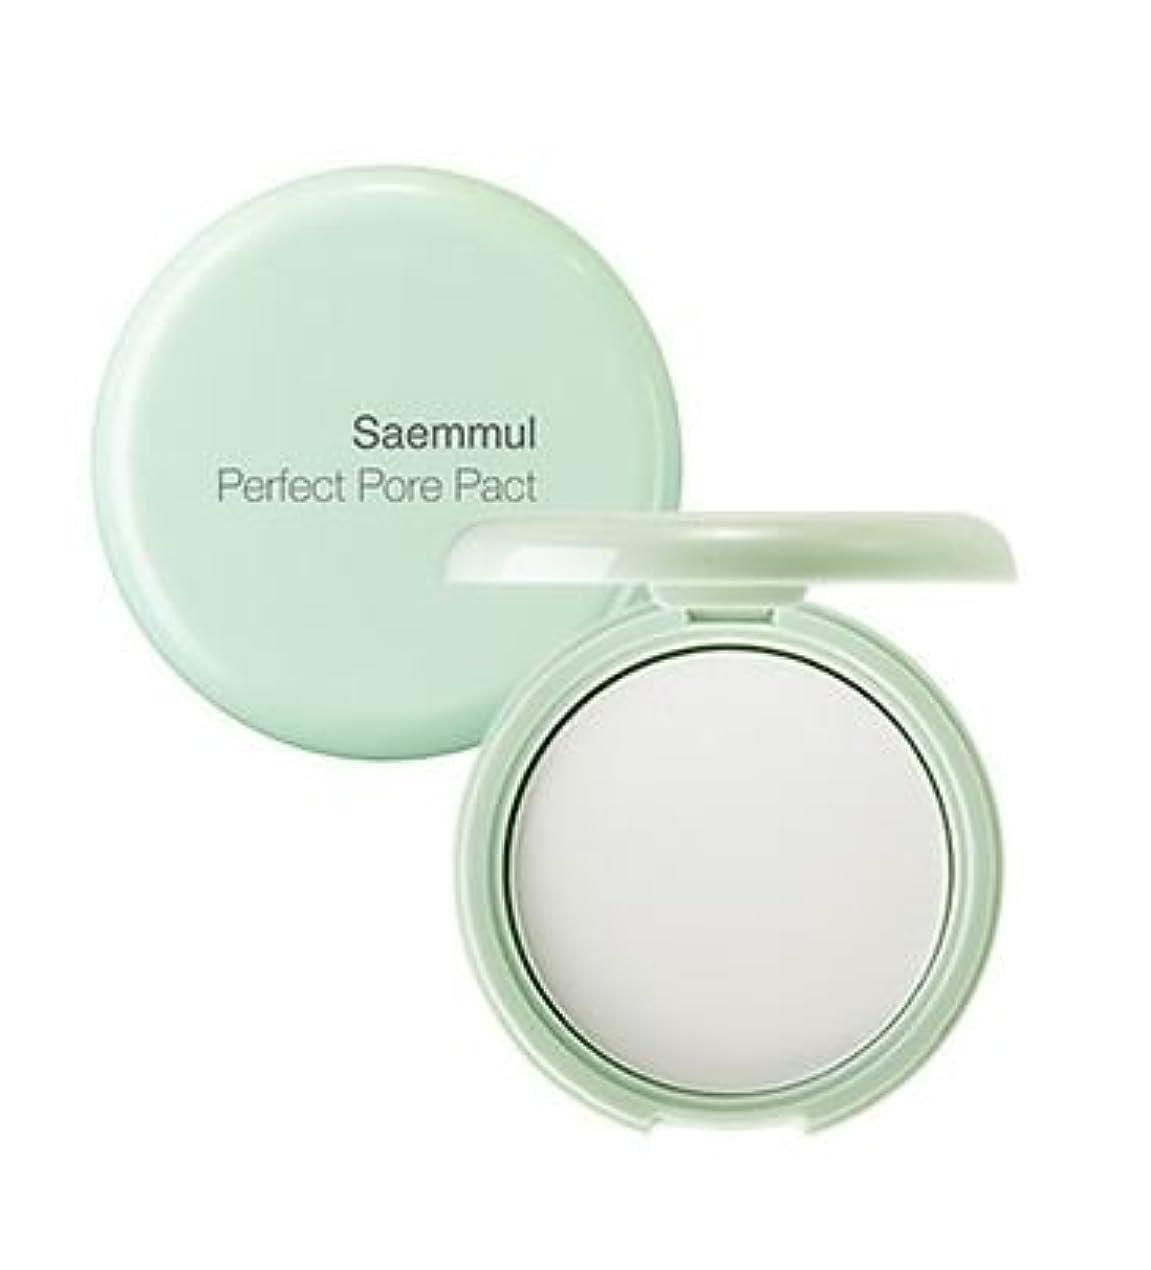 データム書道刺激するザセム[The Saem]センムルセンムルポアパーフェクトパクト The Saem Saemmul Perfect Pore Pact